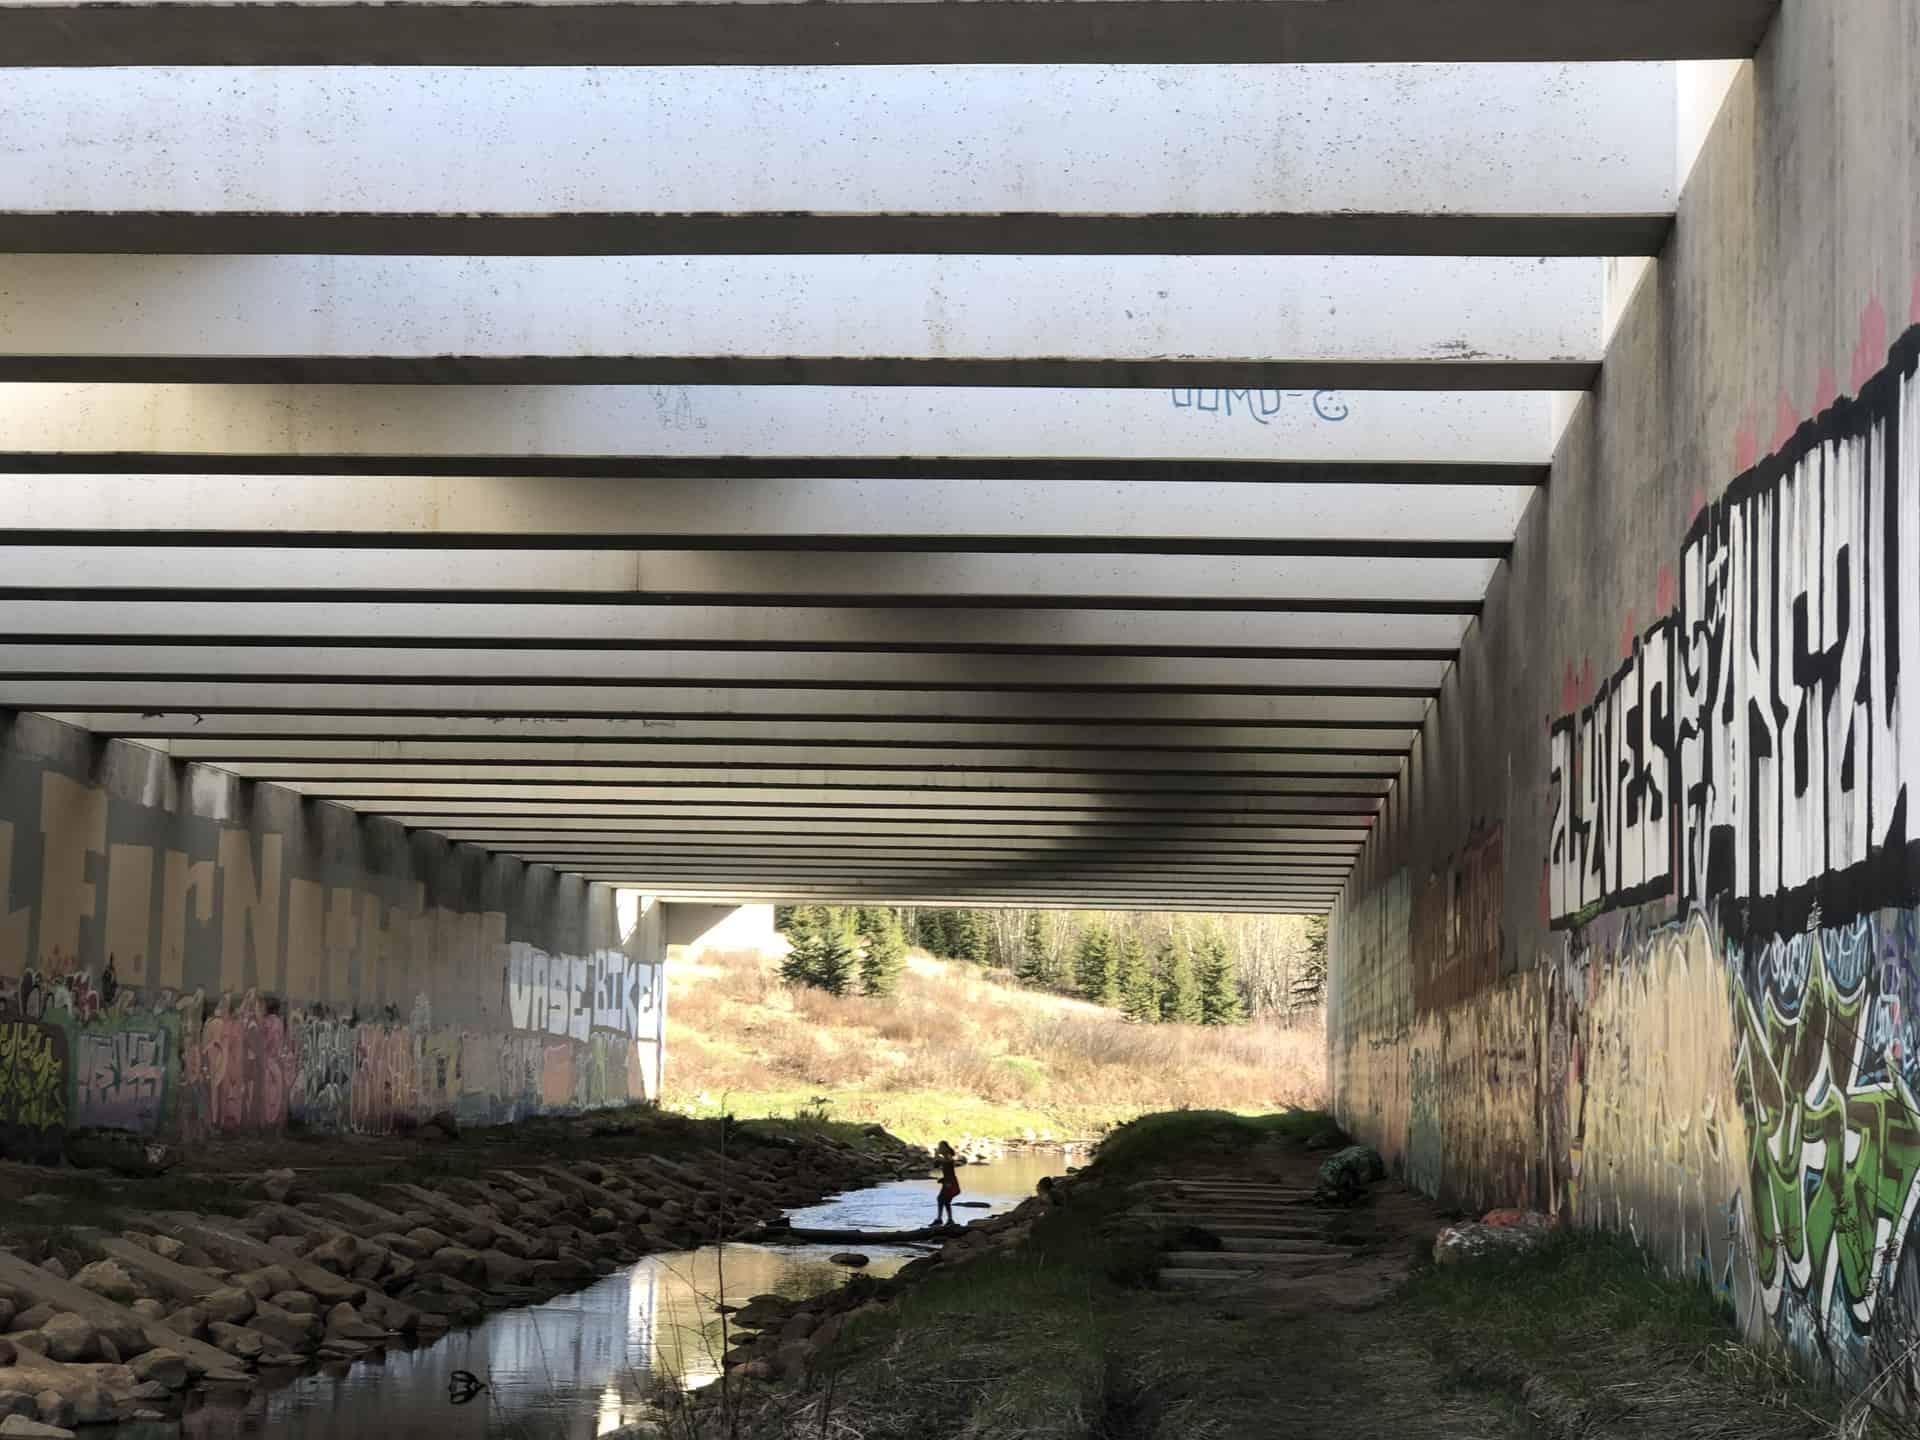 Explore The Wildlife Underpass